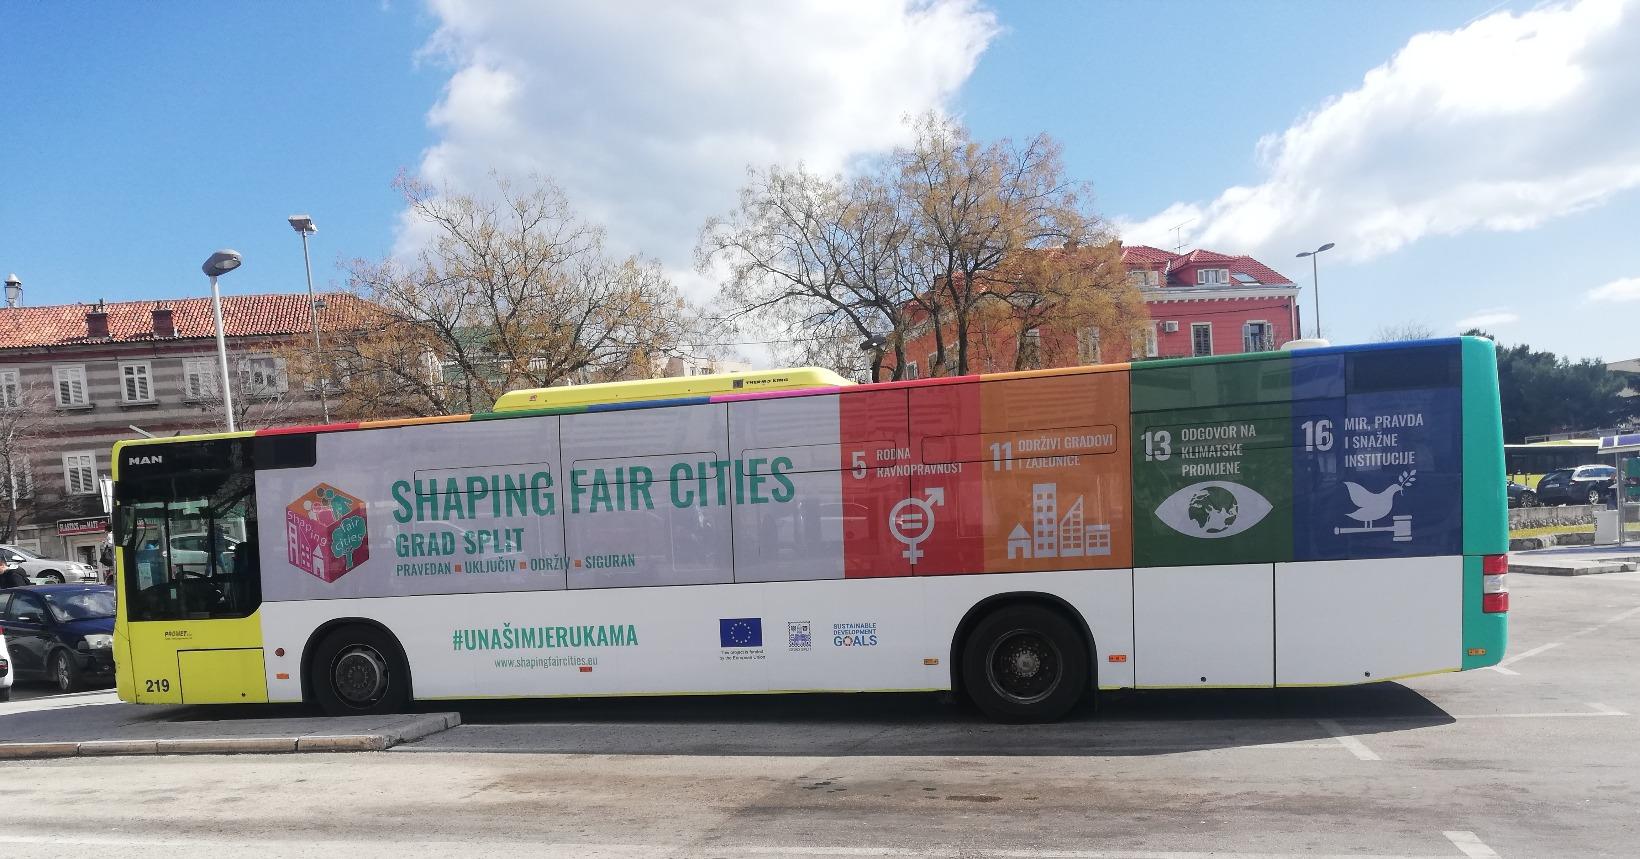 """Grad Split – ponosan partner projekta """"Shaping fair cities"""""""